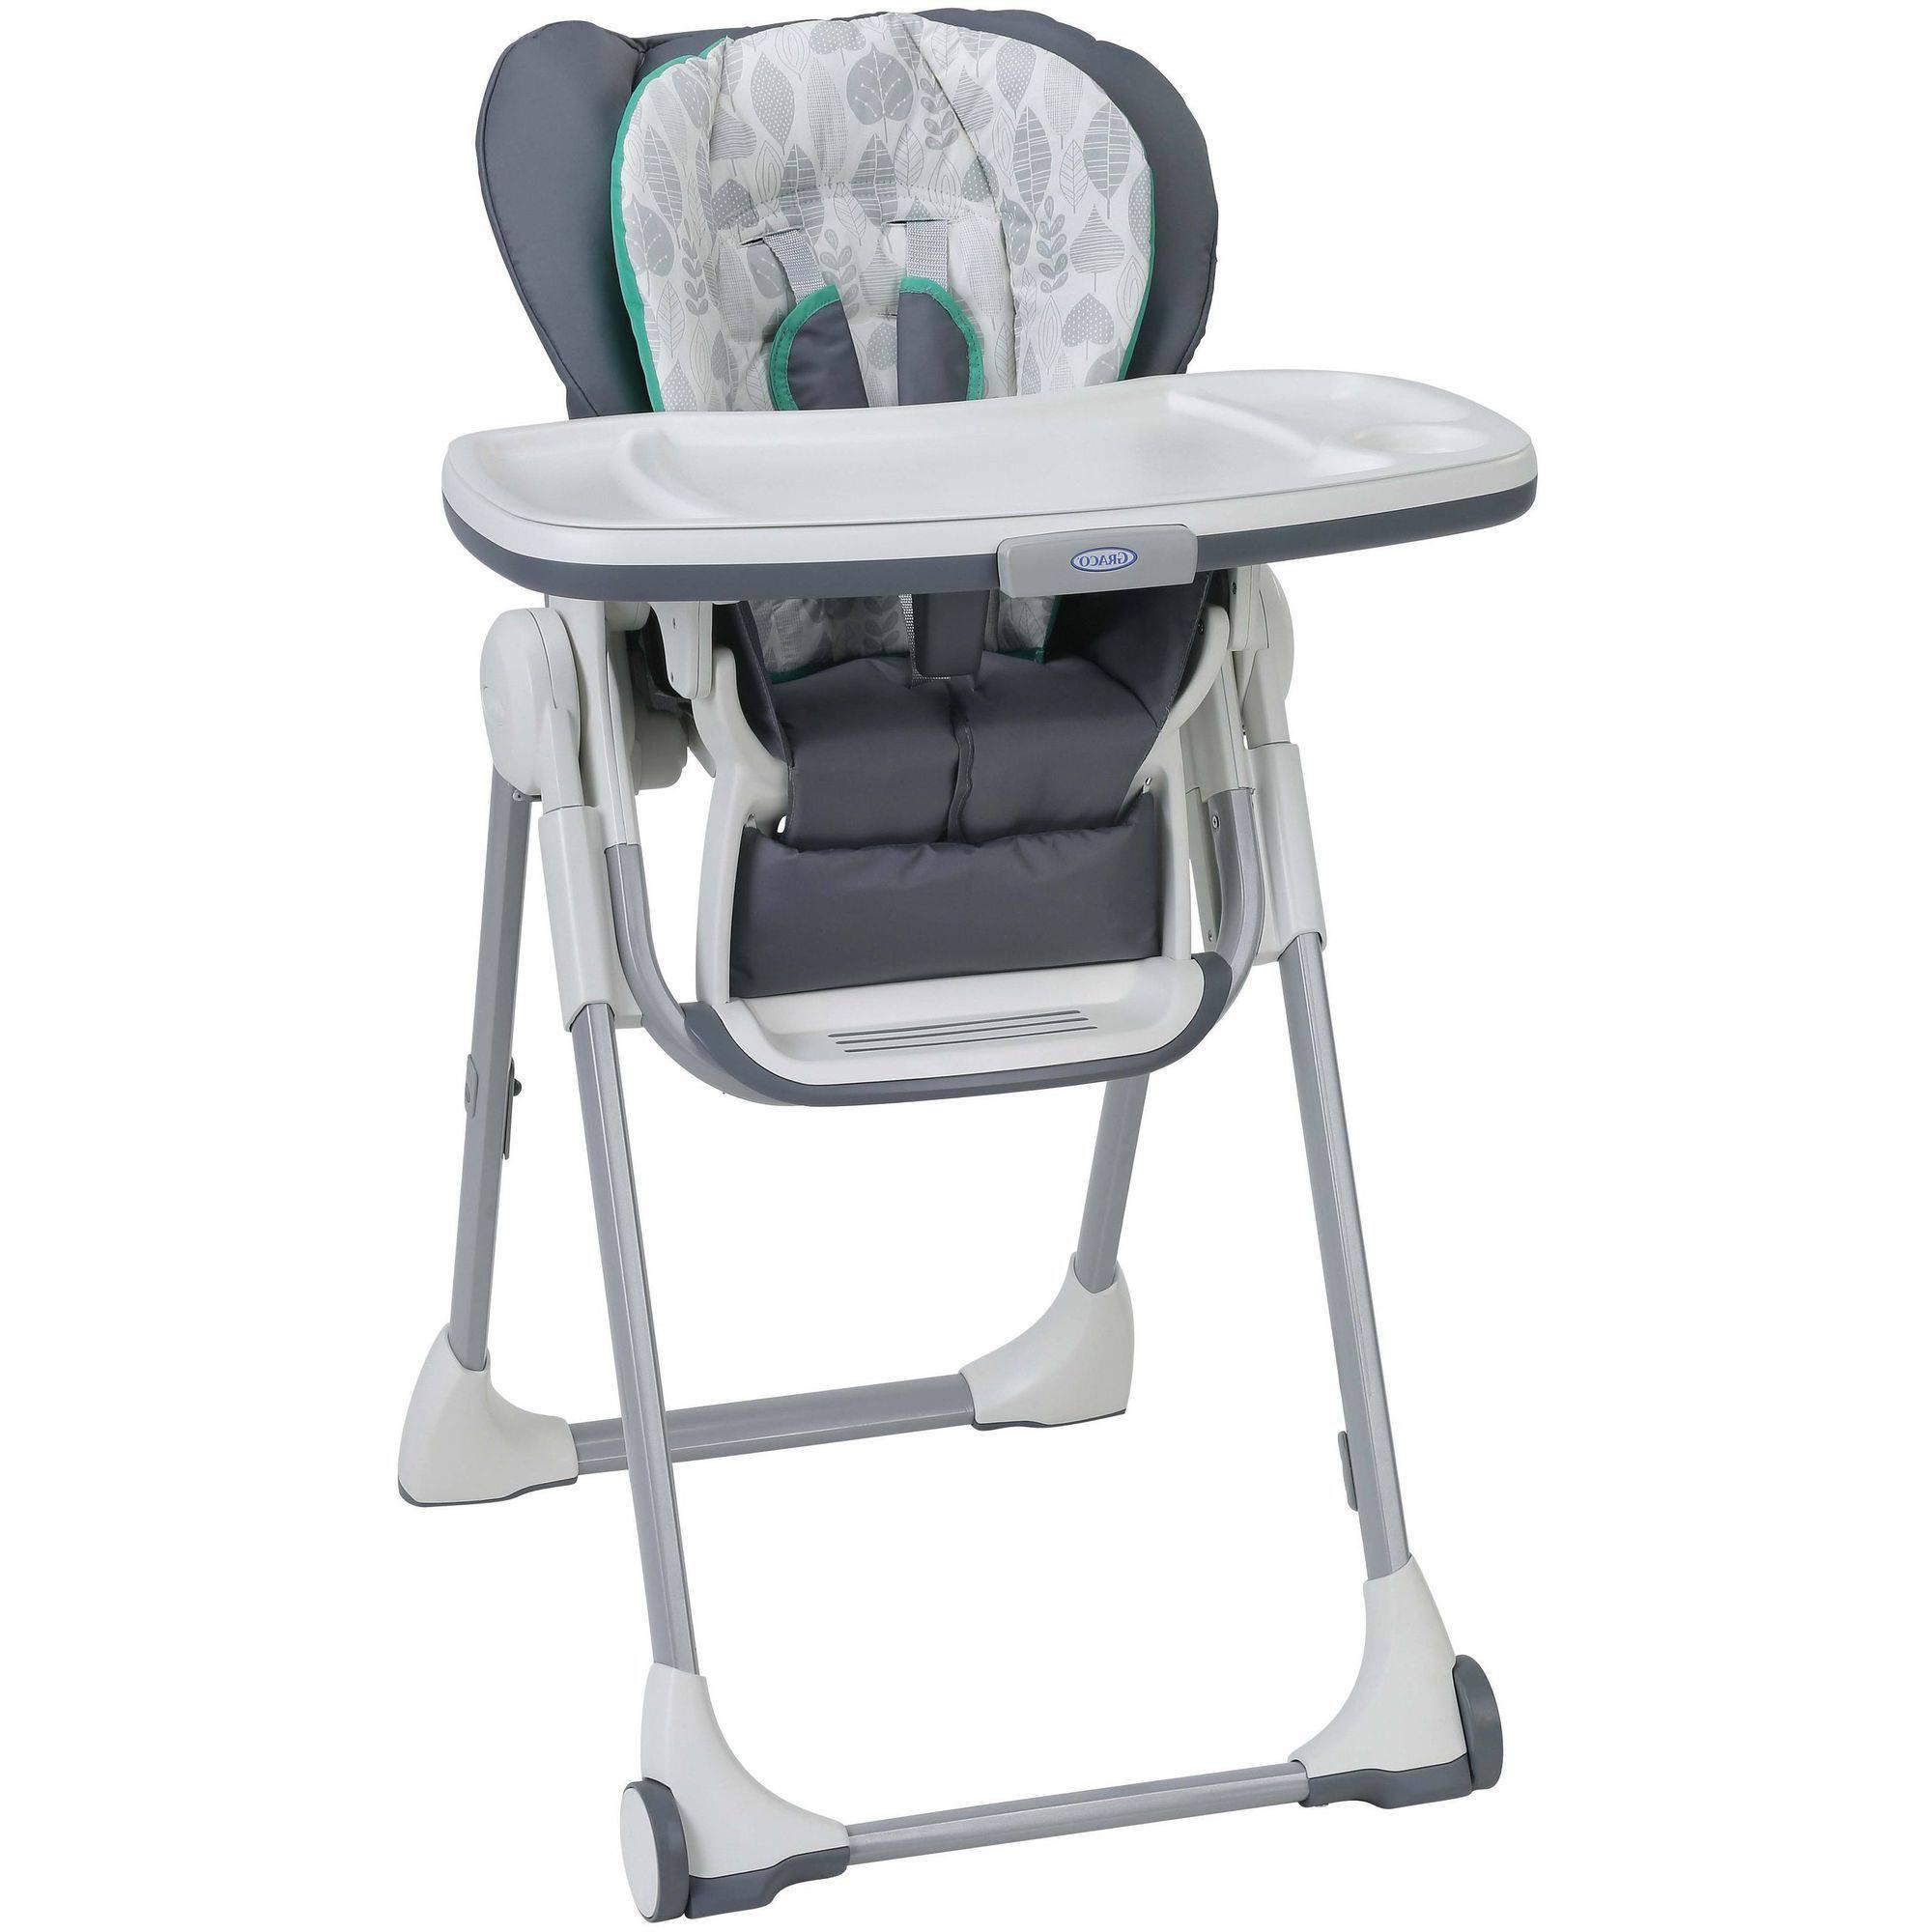 High Chair S5d8 Graco Swift Fold High Chair Briar Walmart